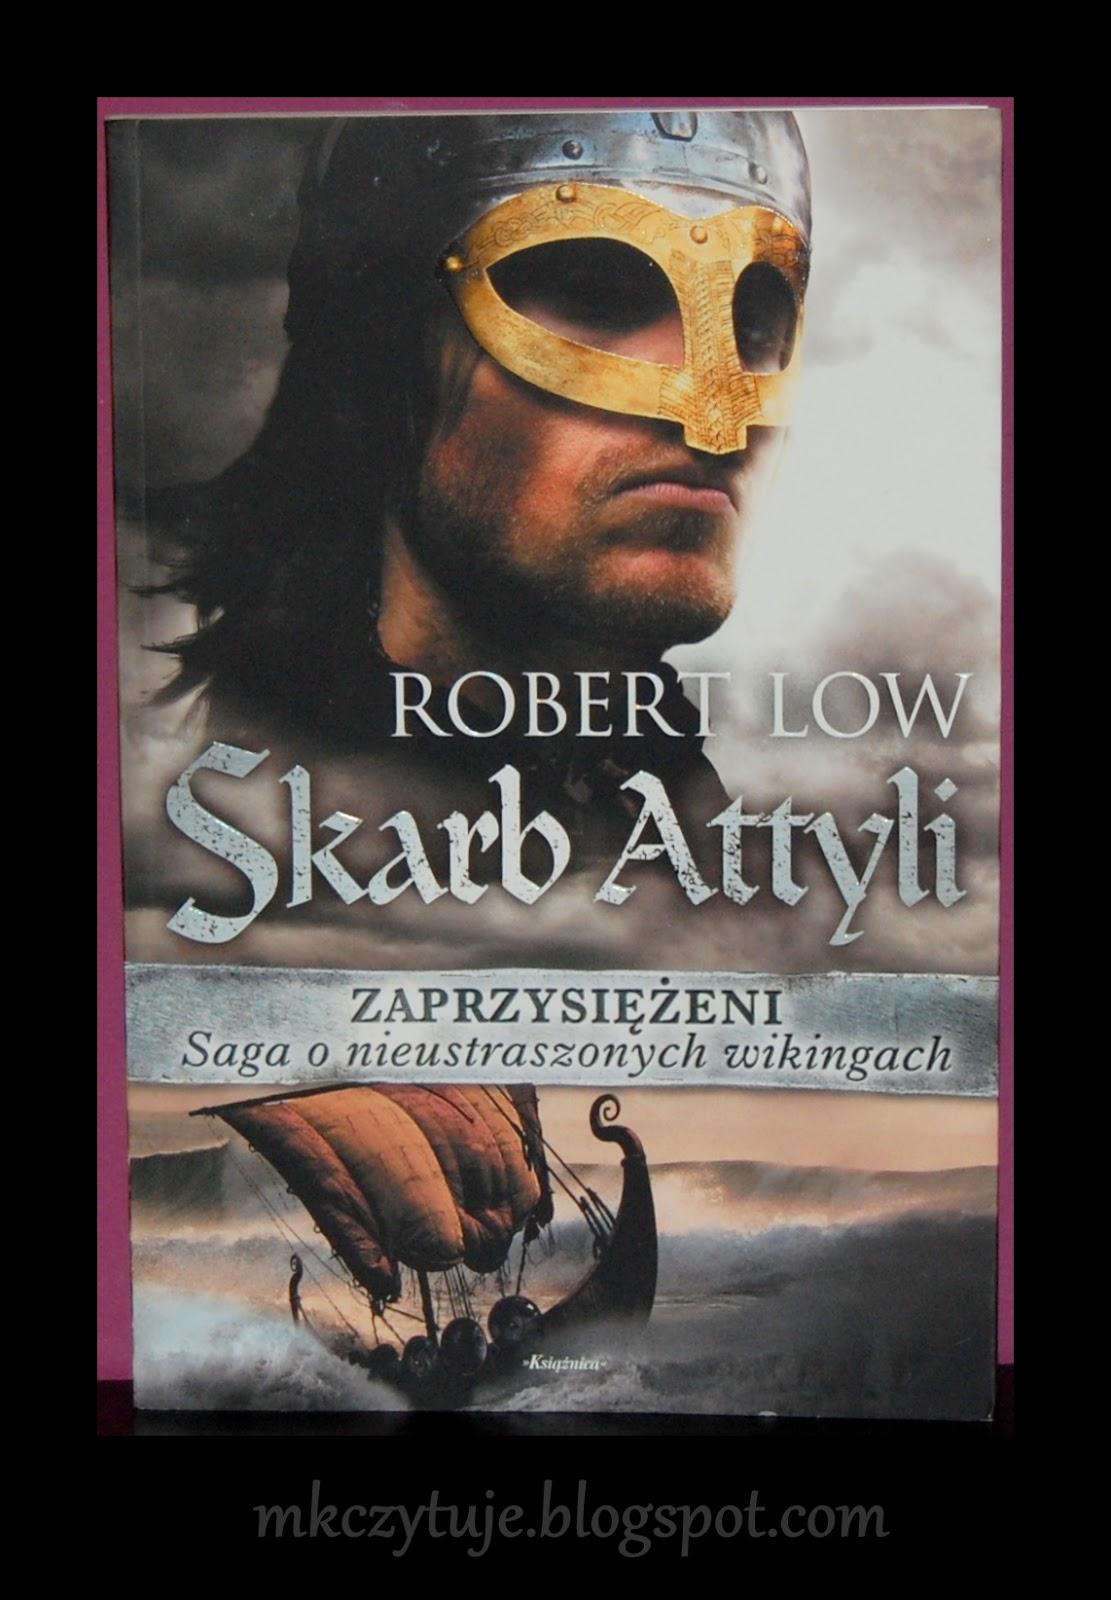 zaprzysiezeni-skarb-attyli-robert-low-czyli-poczatek-sagi-o-nieustraszonych-wikingach